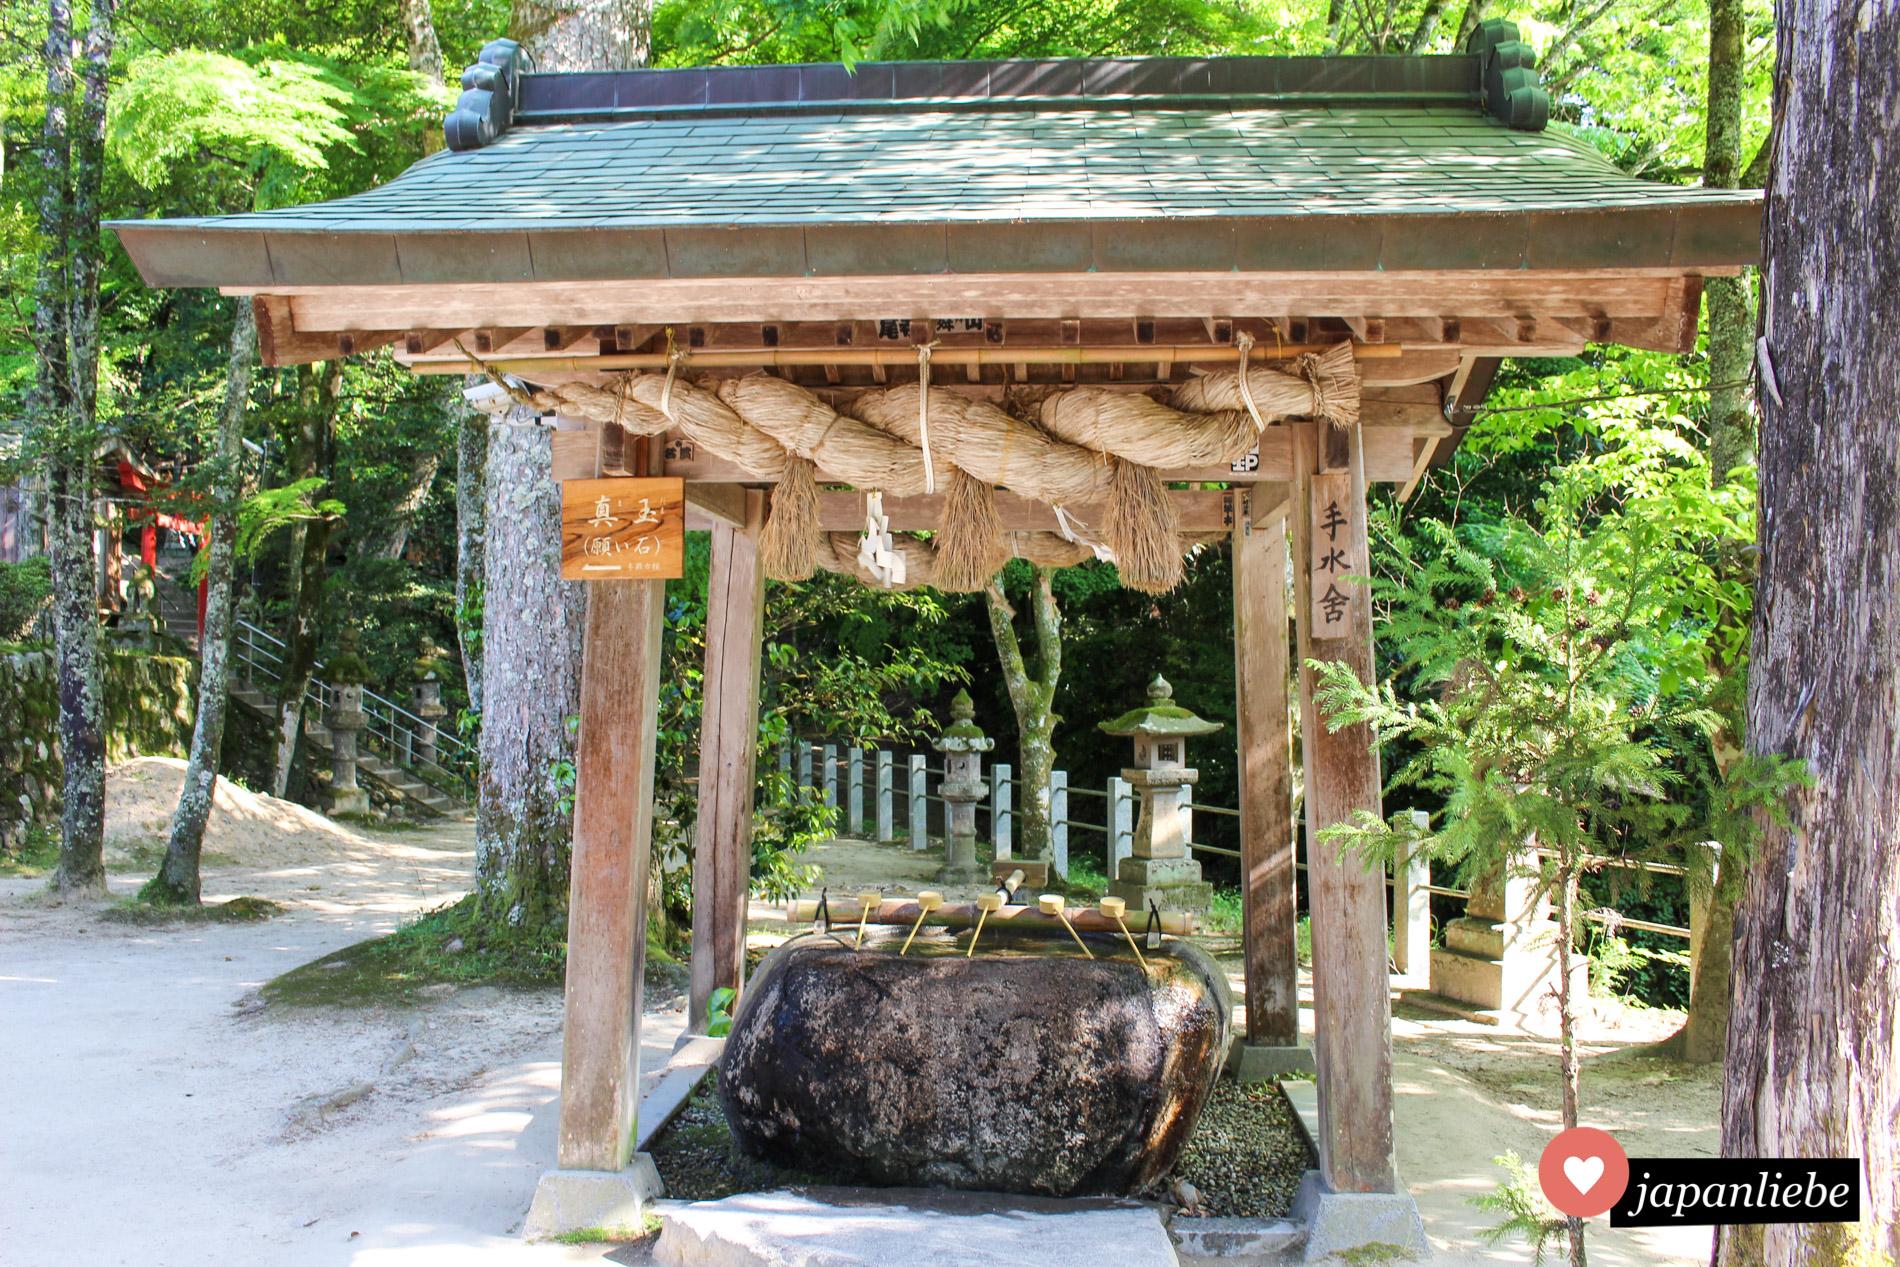 Der temizuya Schreinbrunnen am Tamatsukuriyu Schrein ist wie in der Gegend üblich mit einem dicken shimenawa Reisstrohseil geschmückt.